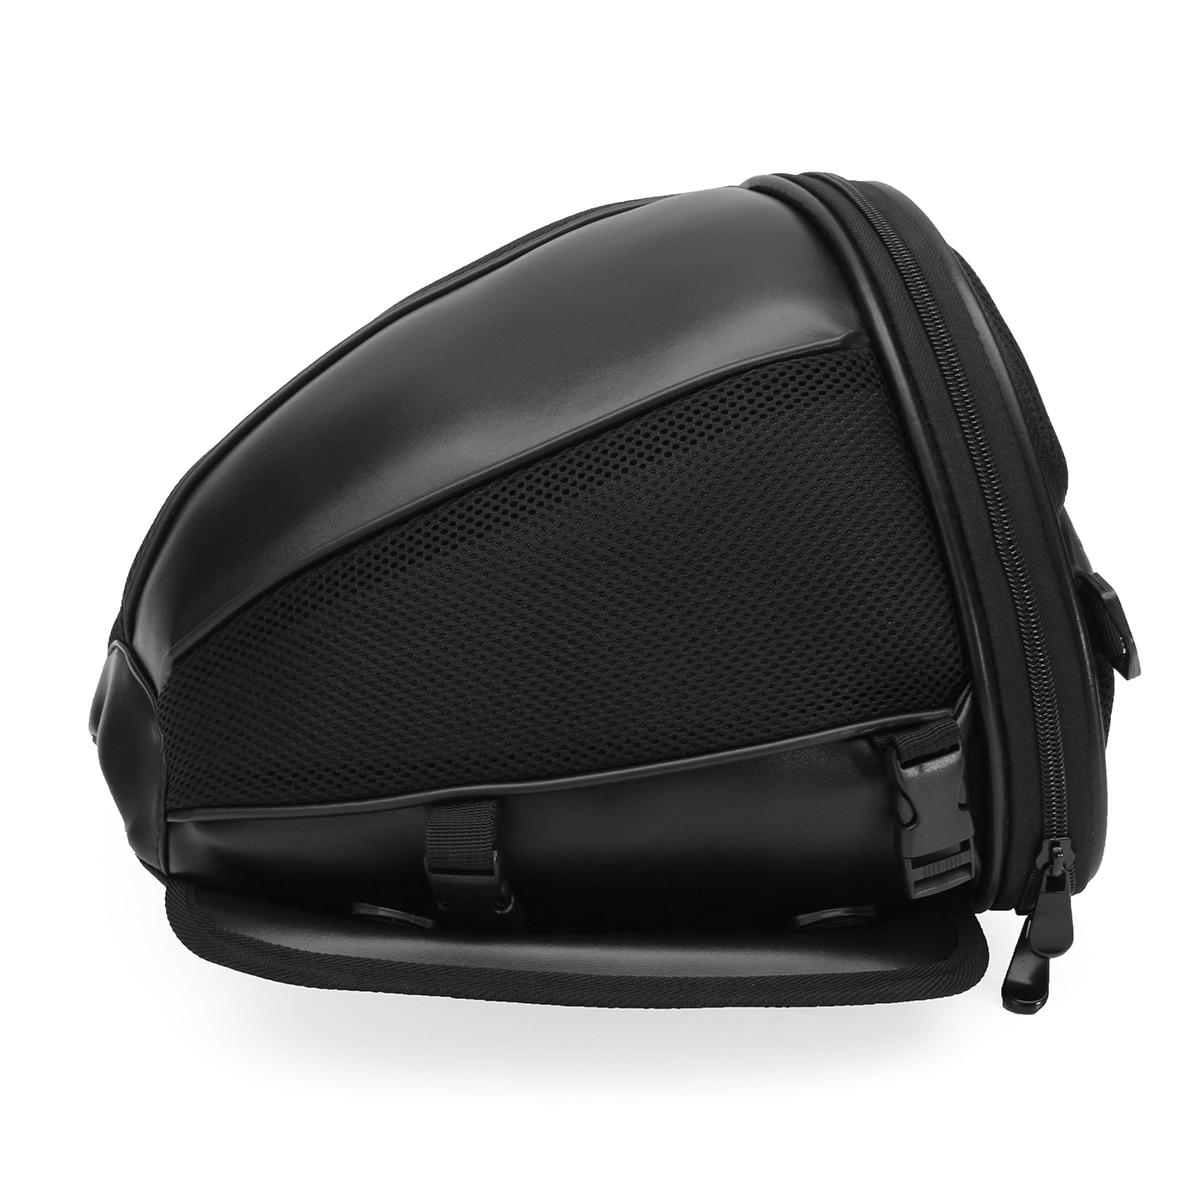 Universale Moto Bagaglio Impermeabile Casella di Coda Serbatoio Sacchetto Della Sella Della Bici Sport Gear Caso Convenienza di trasporto Rimovibile